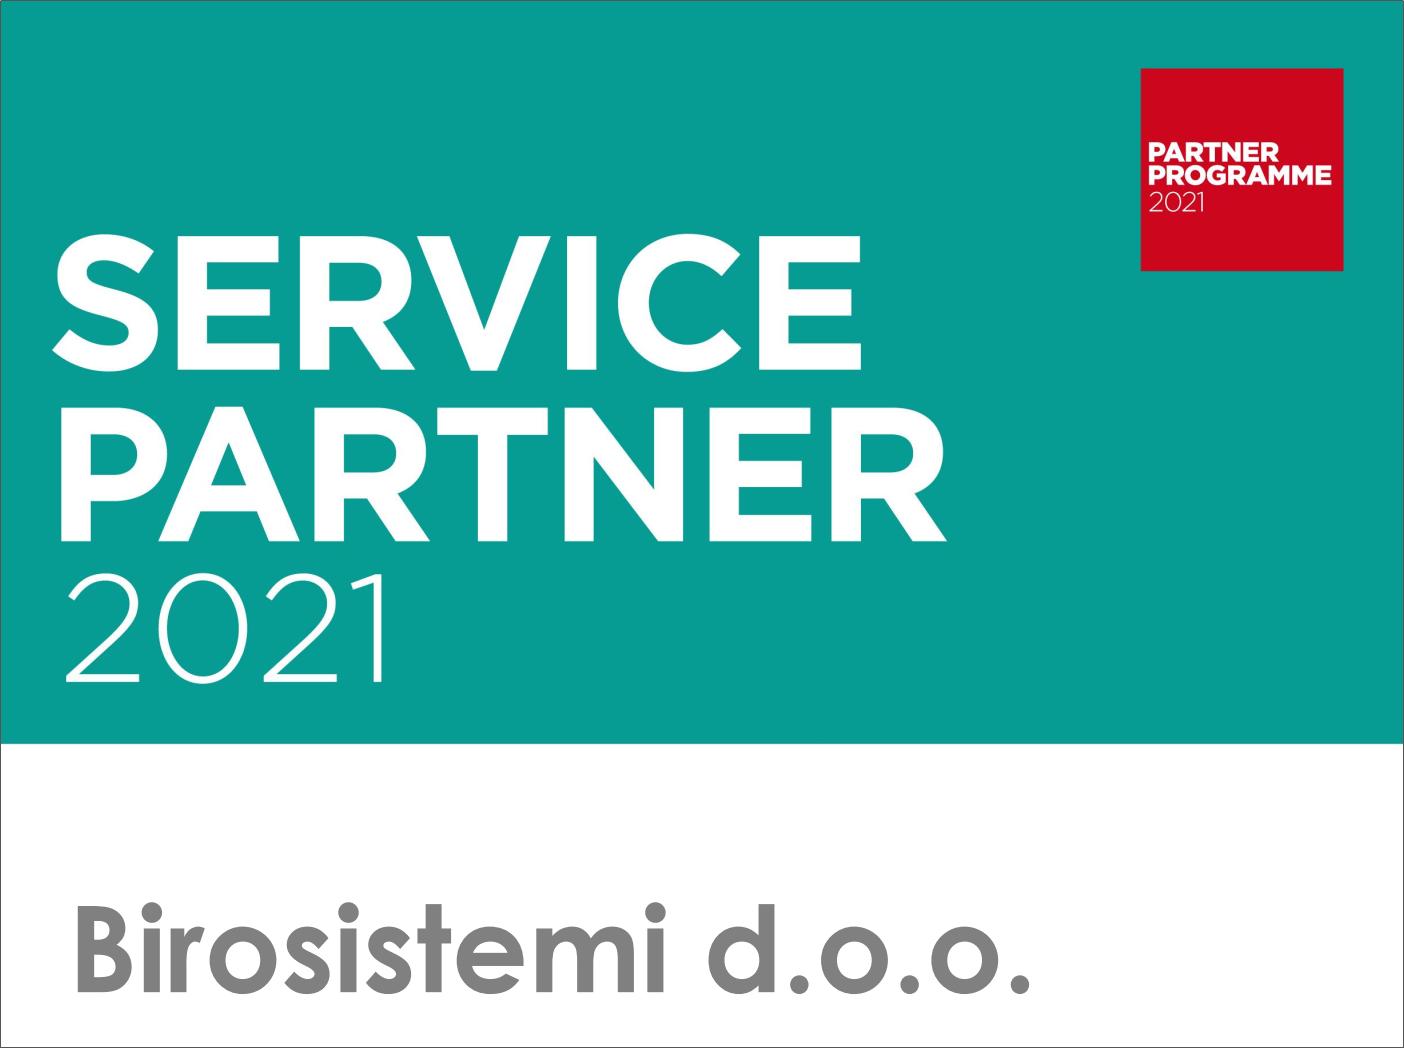 Canon Service Partner 2021